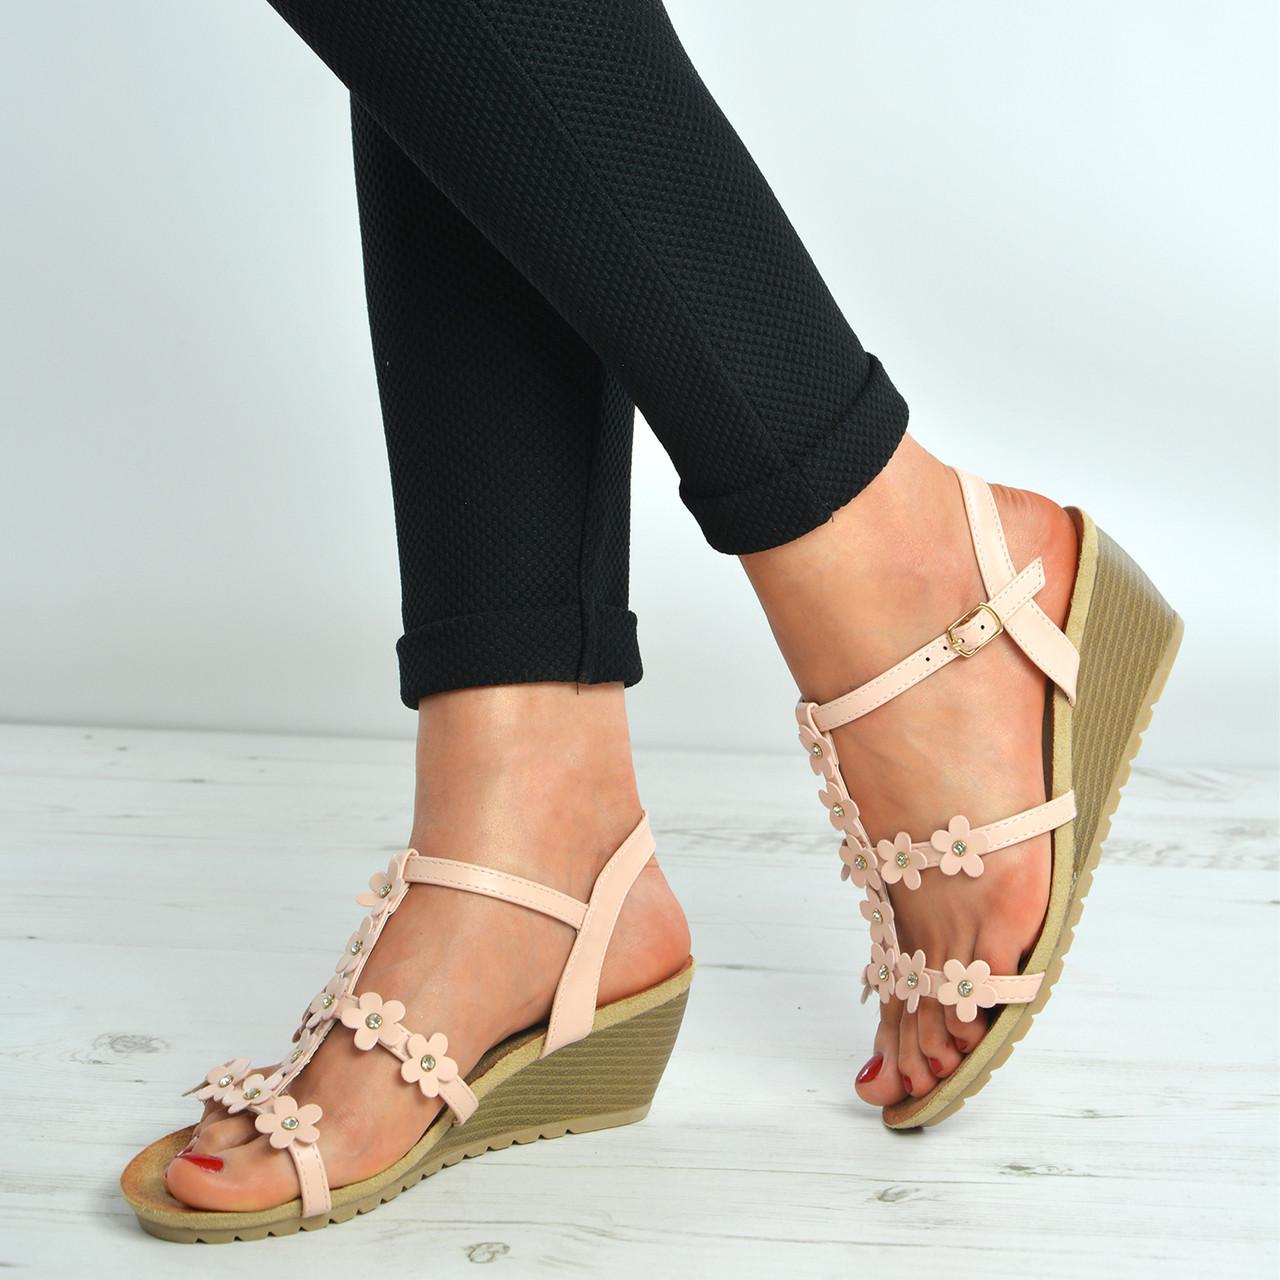 Camel Brown Comfort wedge heel sandals with diamante studs El Envío Libre En Línea Barato Éxito De Ventas TNbZQe